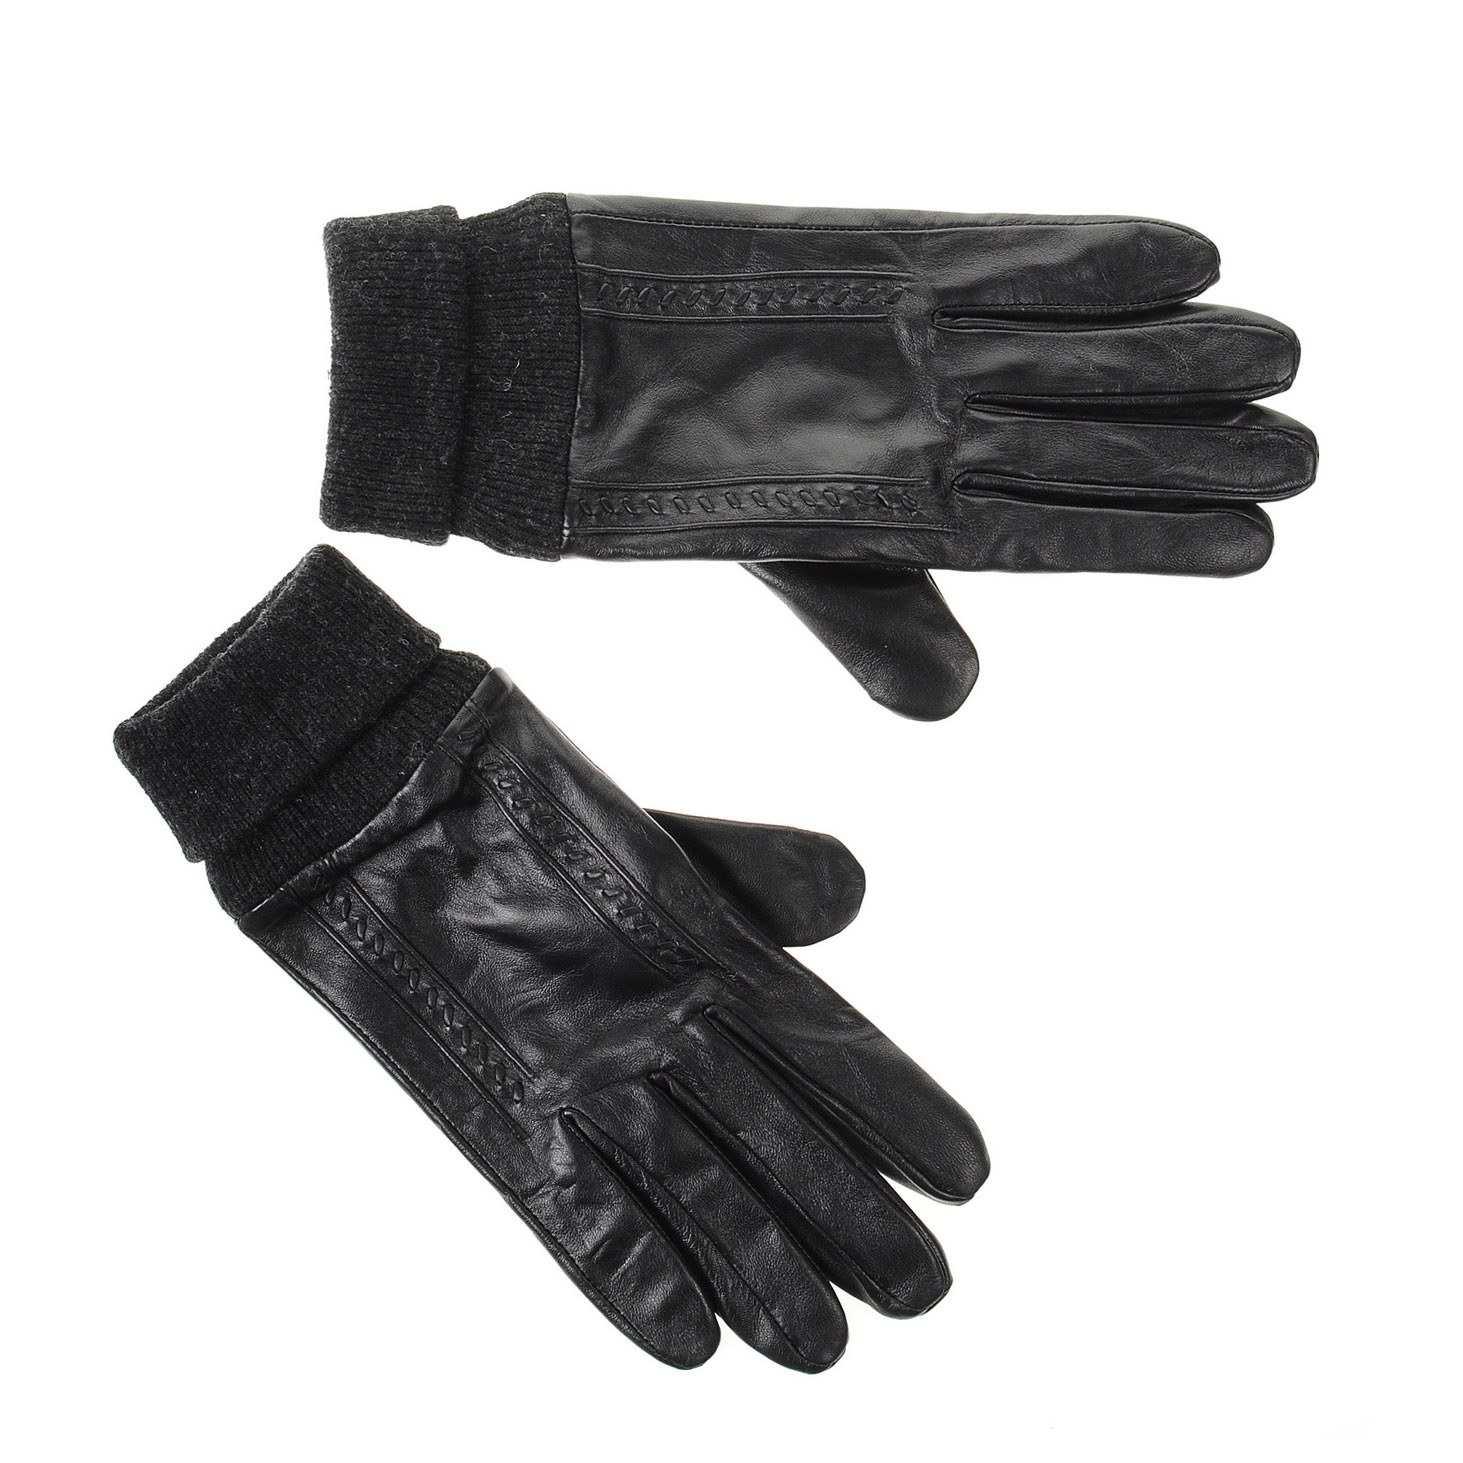 Αντρικά Δερμάτινα Γάντια Guy Laroche 98959 ανδρας   αντρικό γάντι